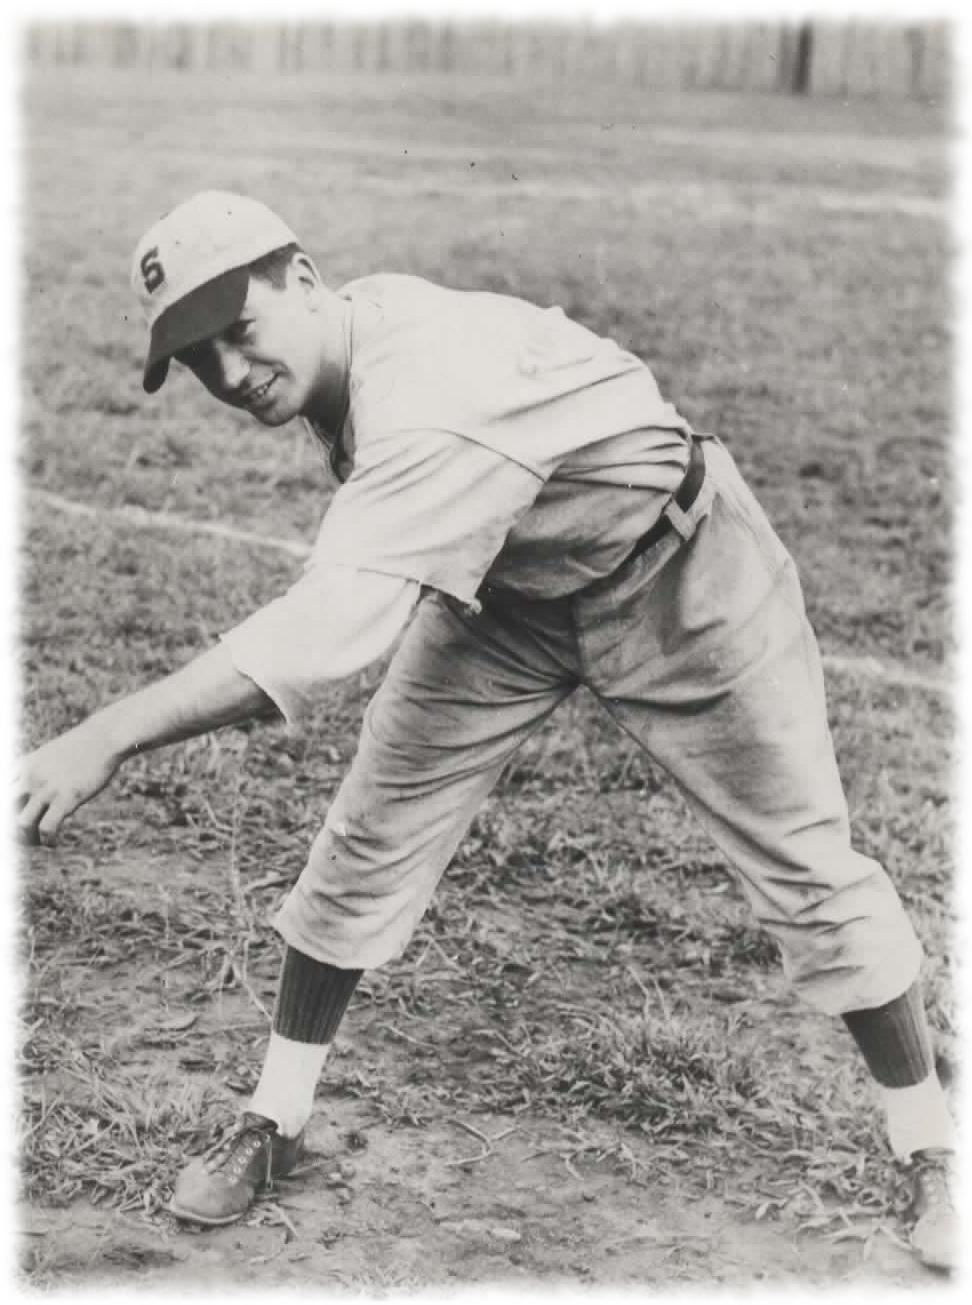 Walter Poland